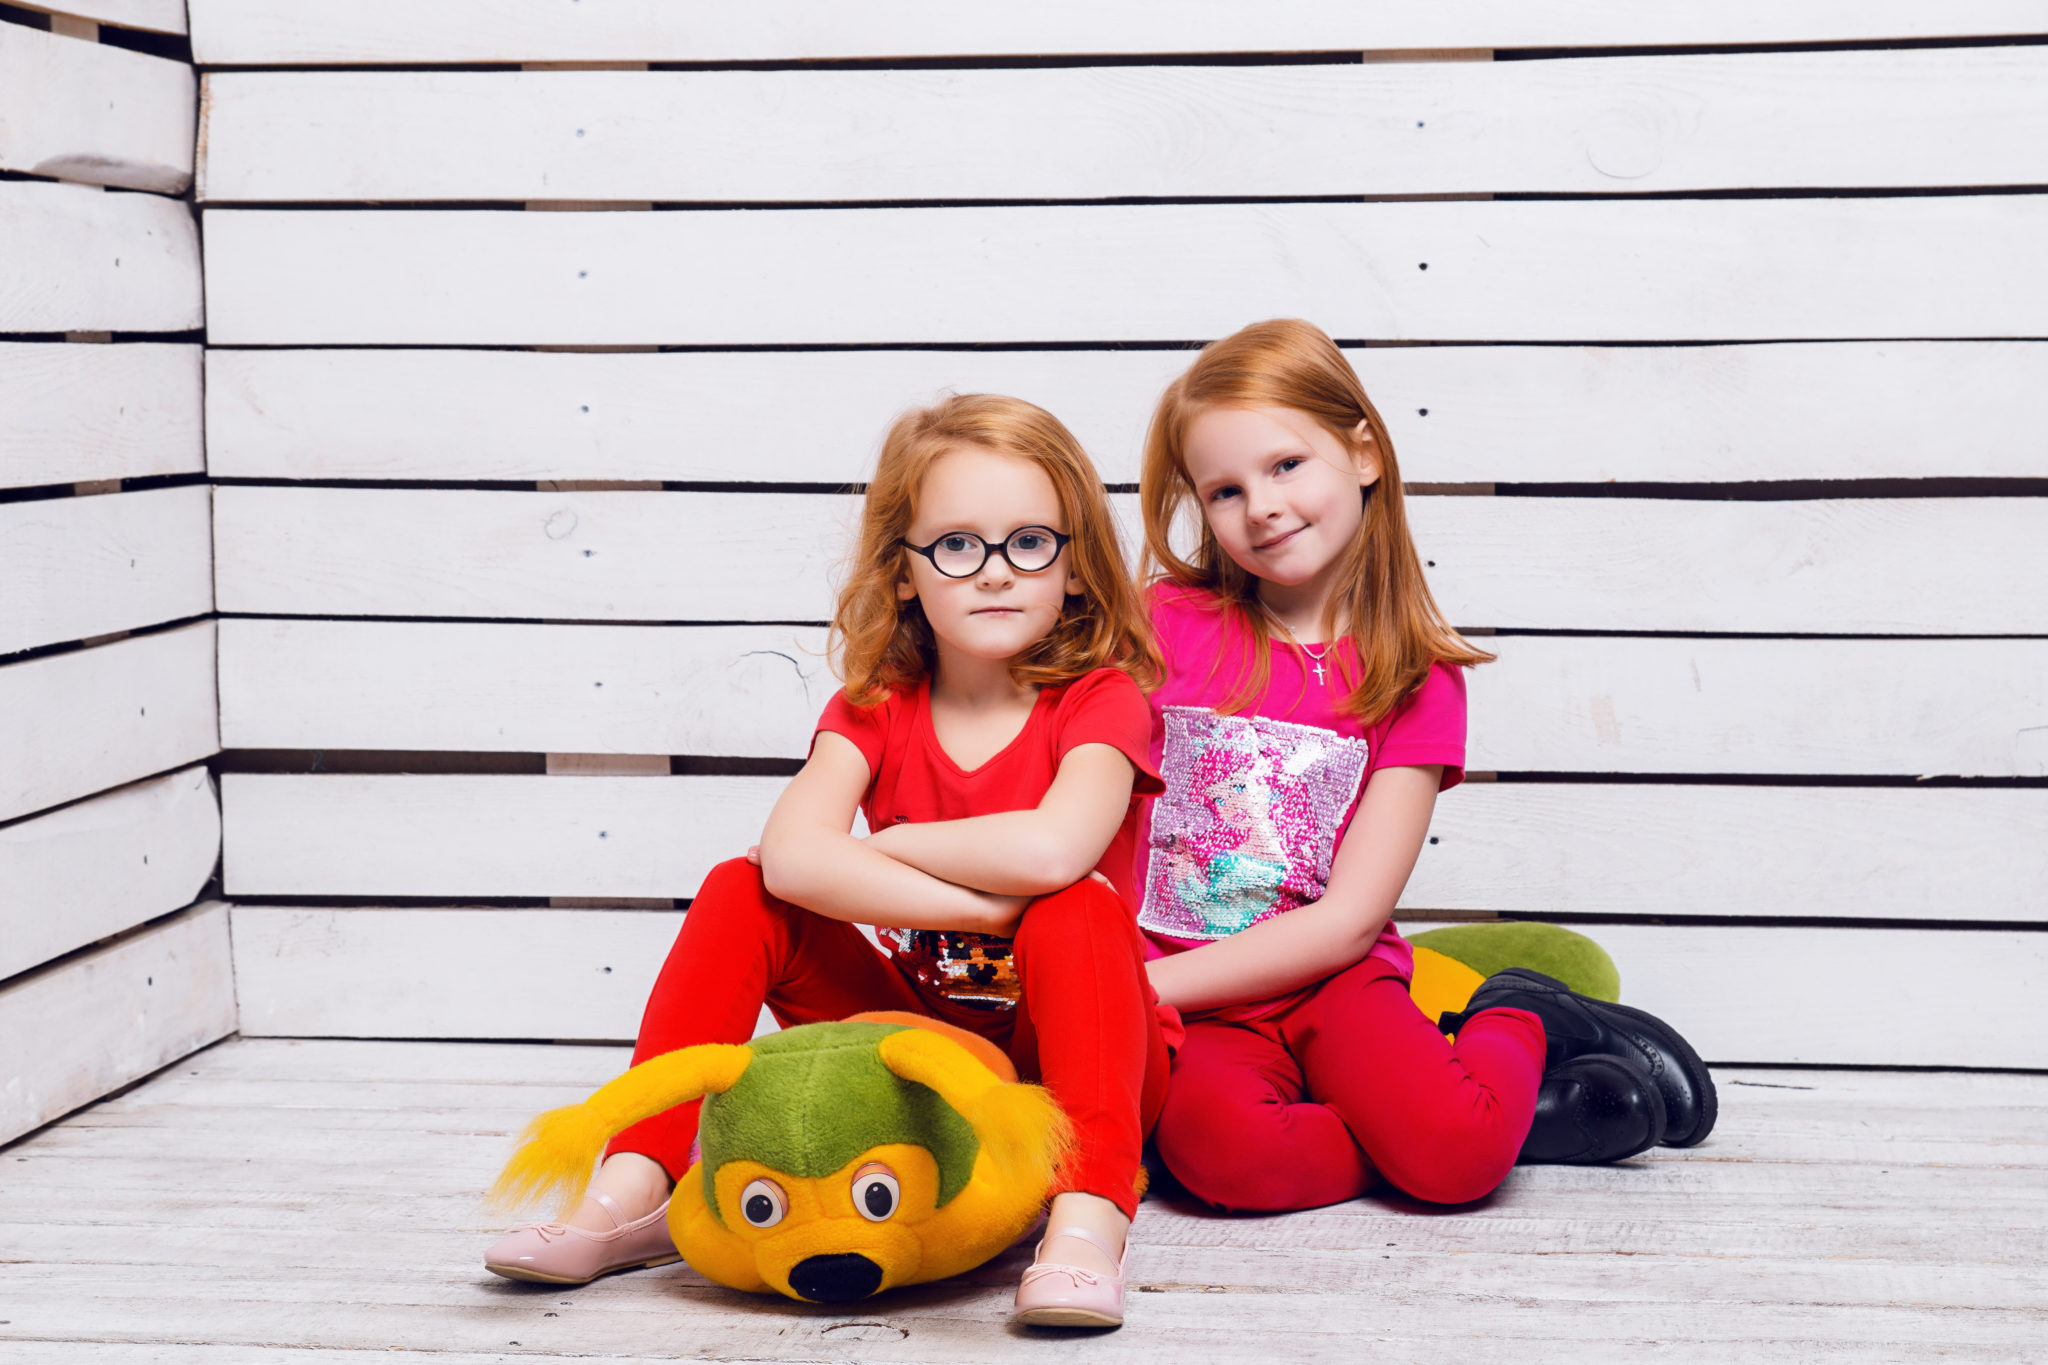 Детская фотосессия, девочки-близняшки с игрушкой